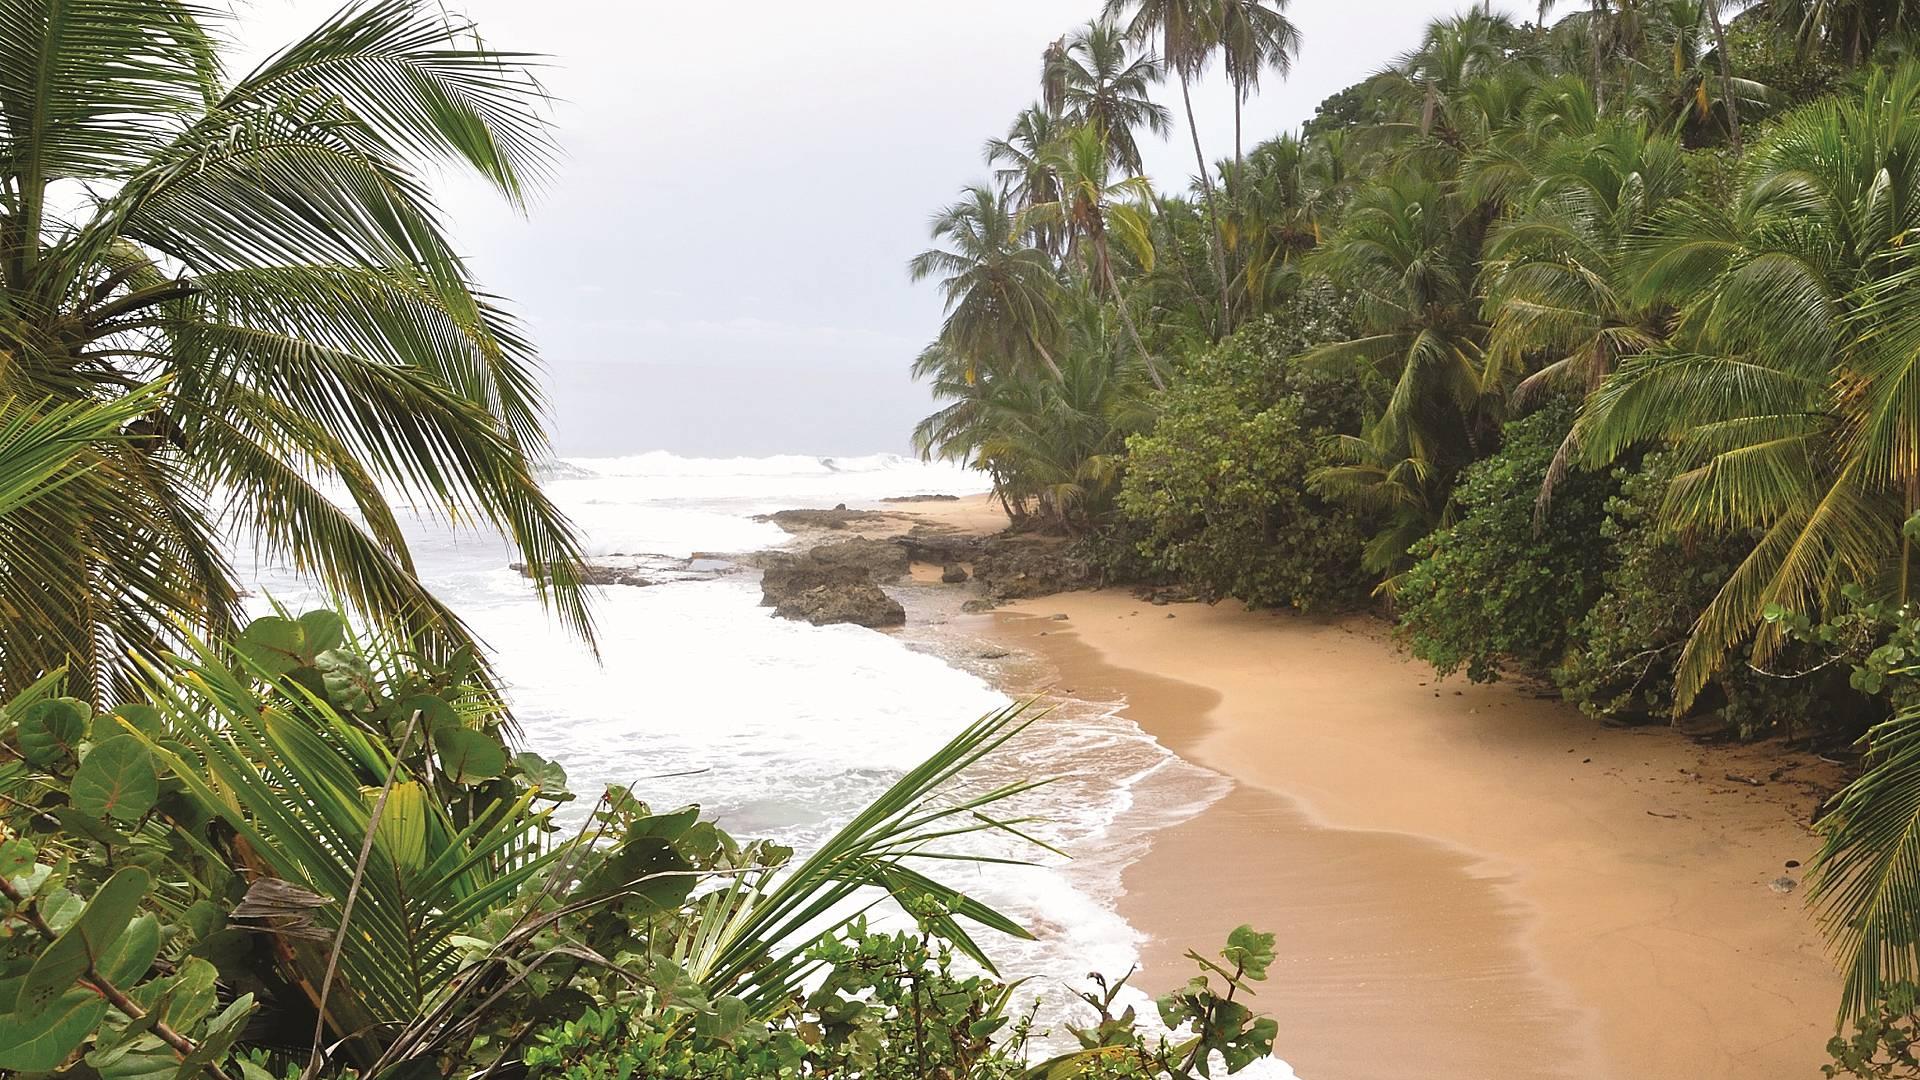 Höhepunkte Costa Ricas und tropische Strände